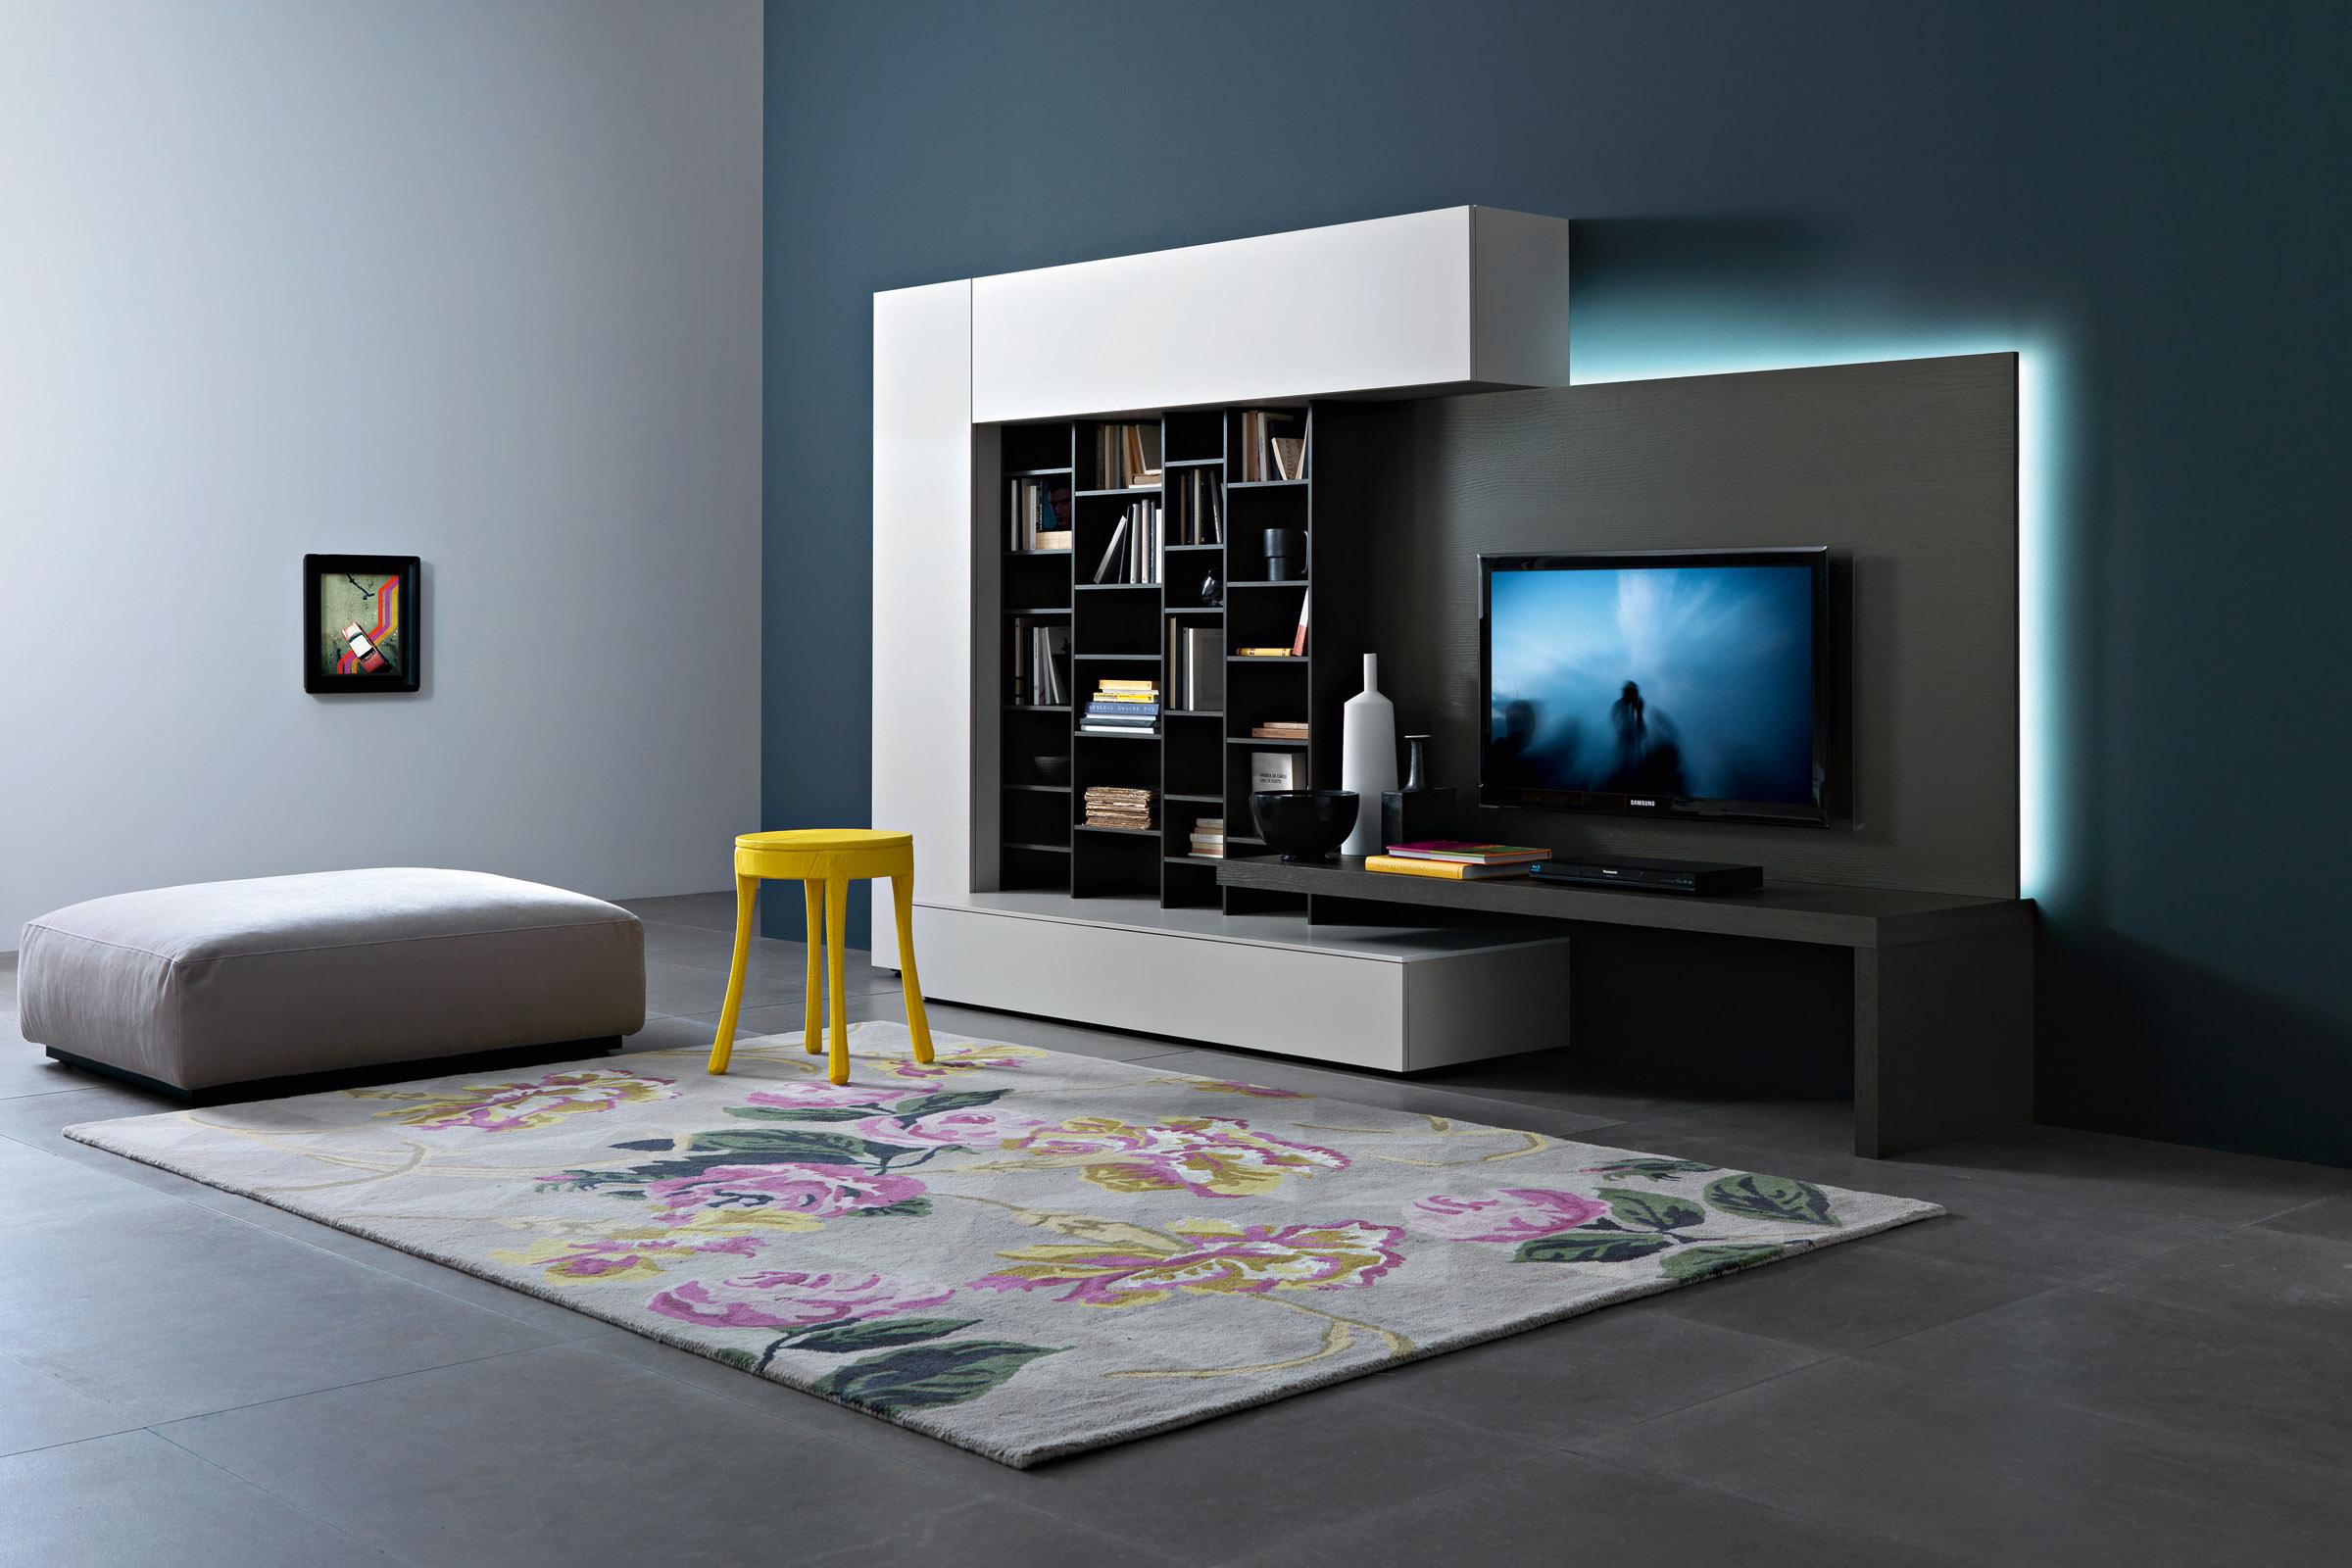 soggiorno moderno componibile top lops disegno - acquistabile in ... - Colori Per Soggiorno Moderno 2